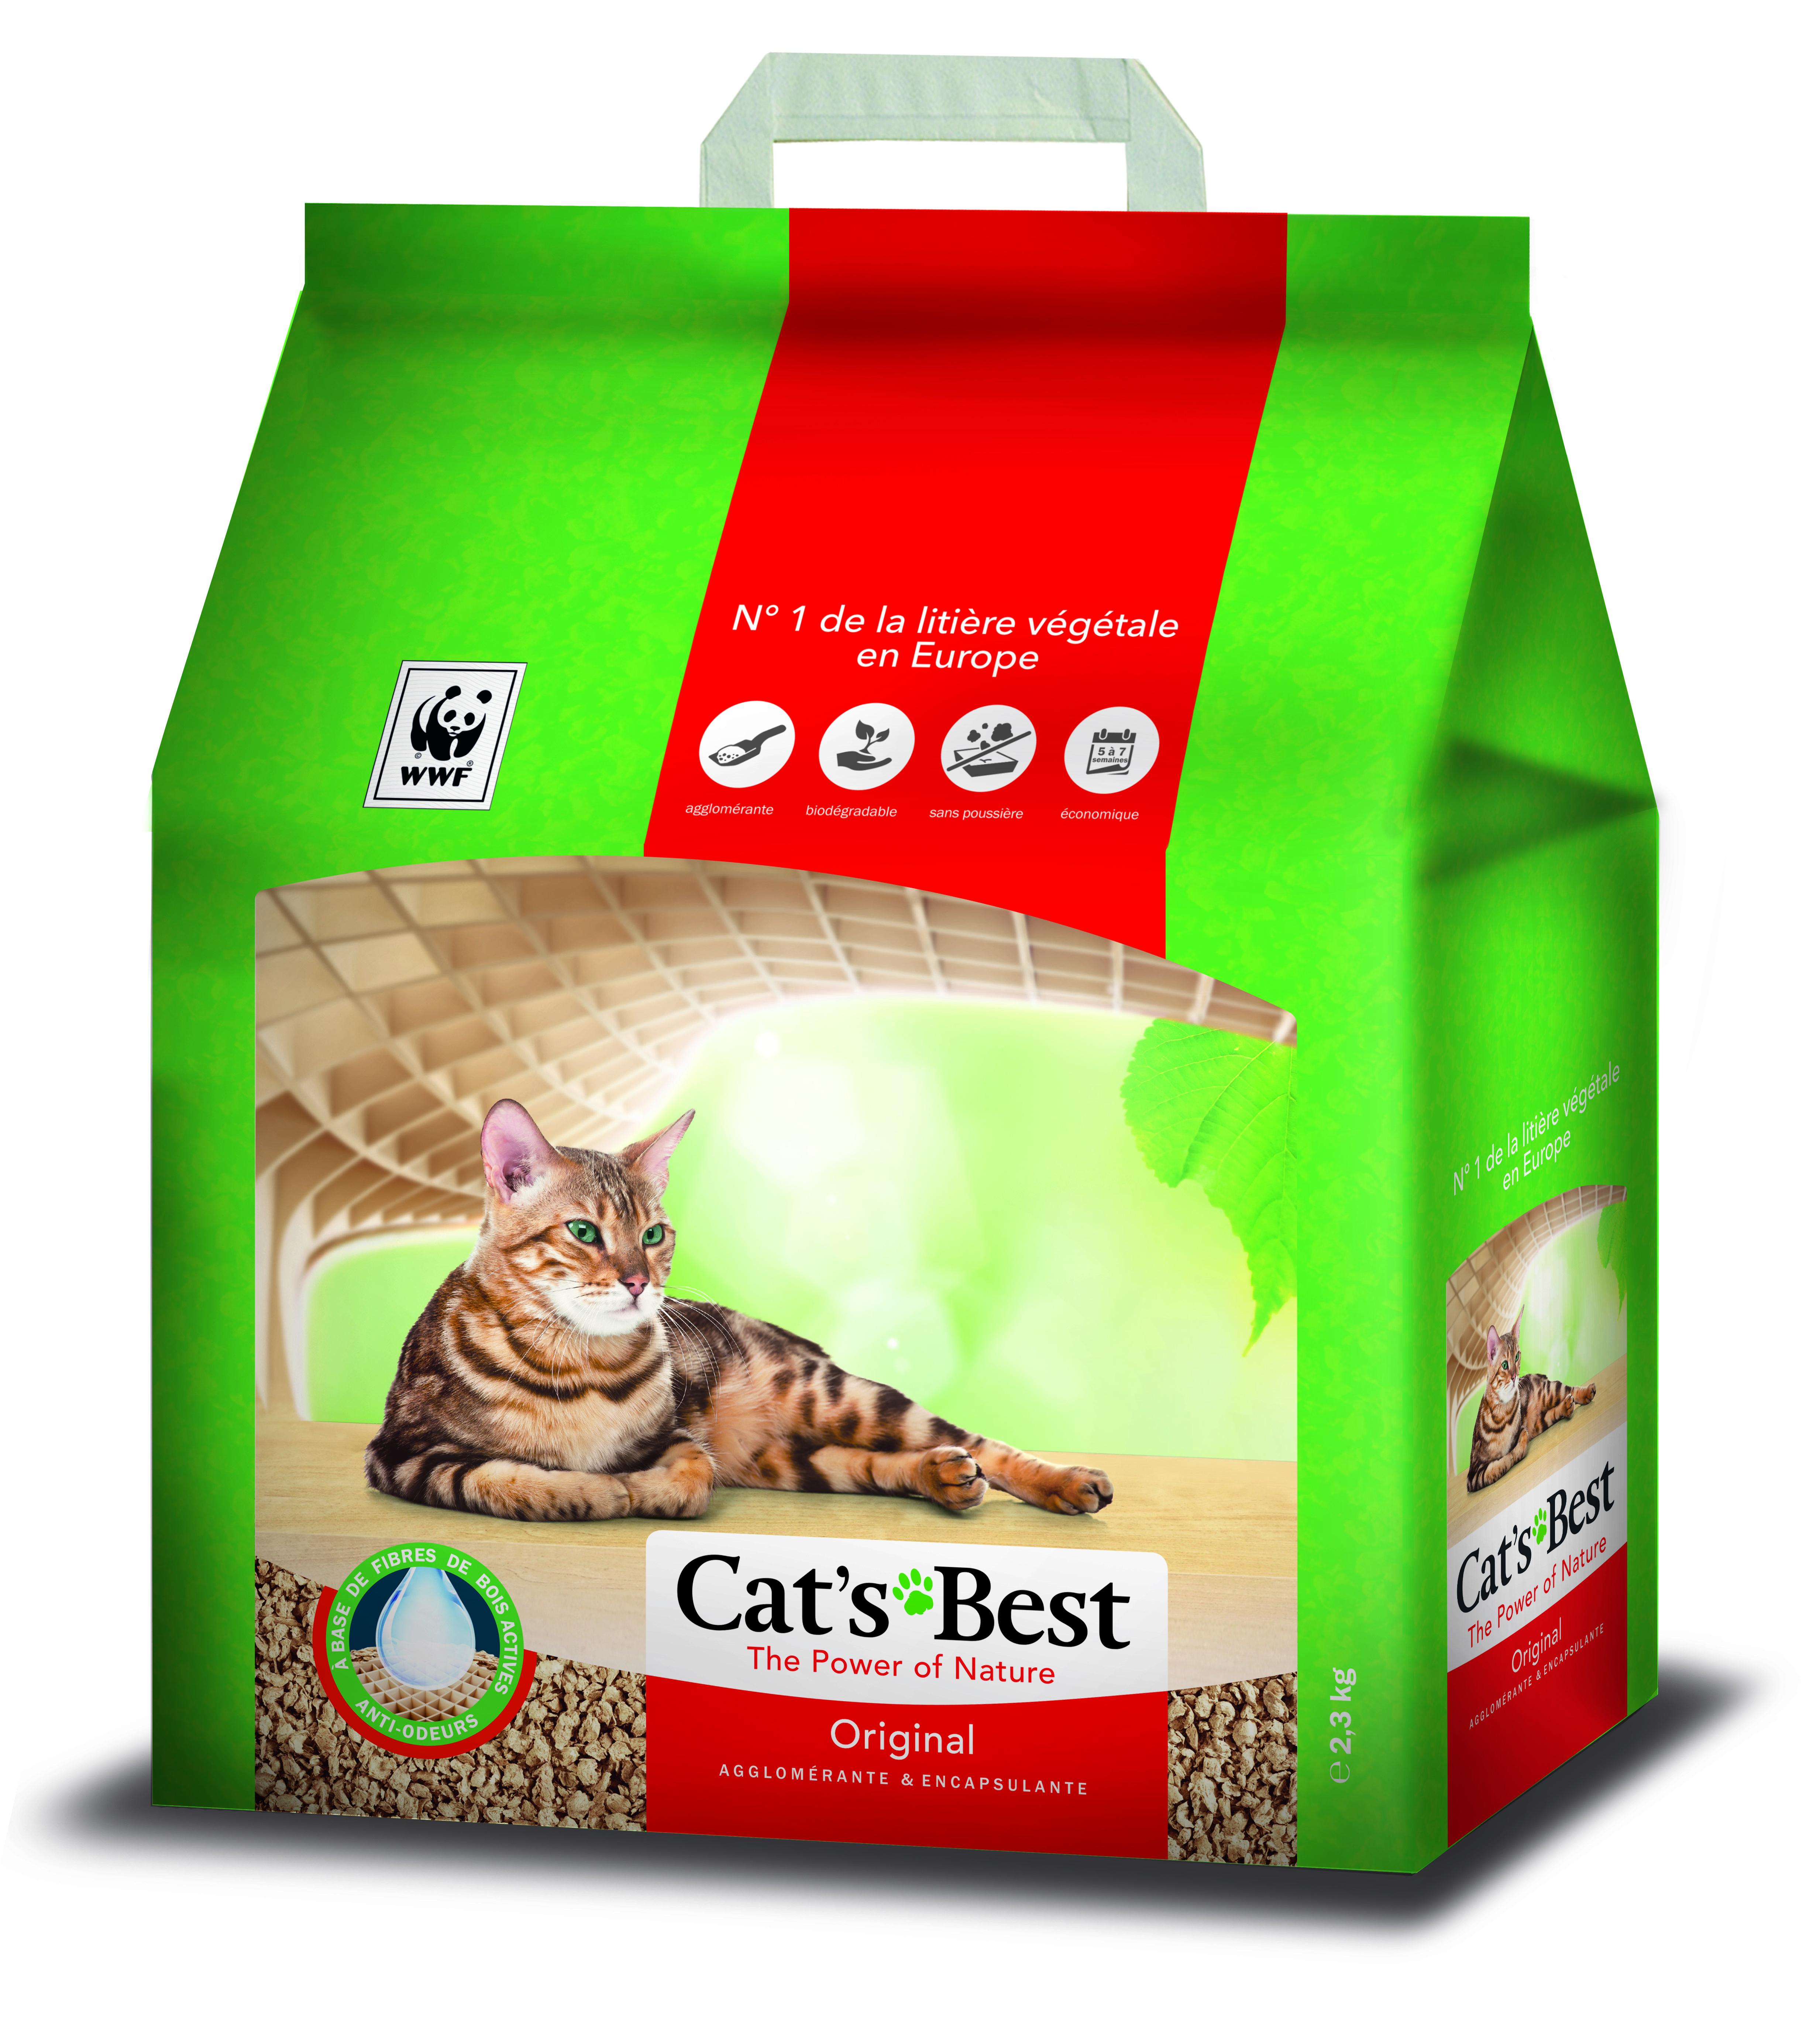 Litière végétale agglomérante pour chat Cat's Best Original 5L - 2,1kg